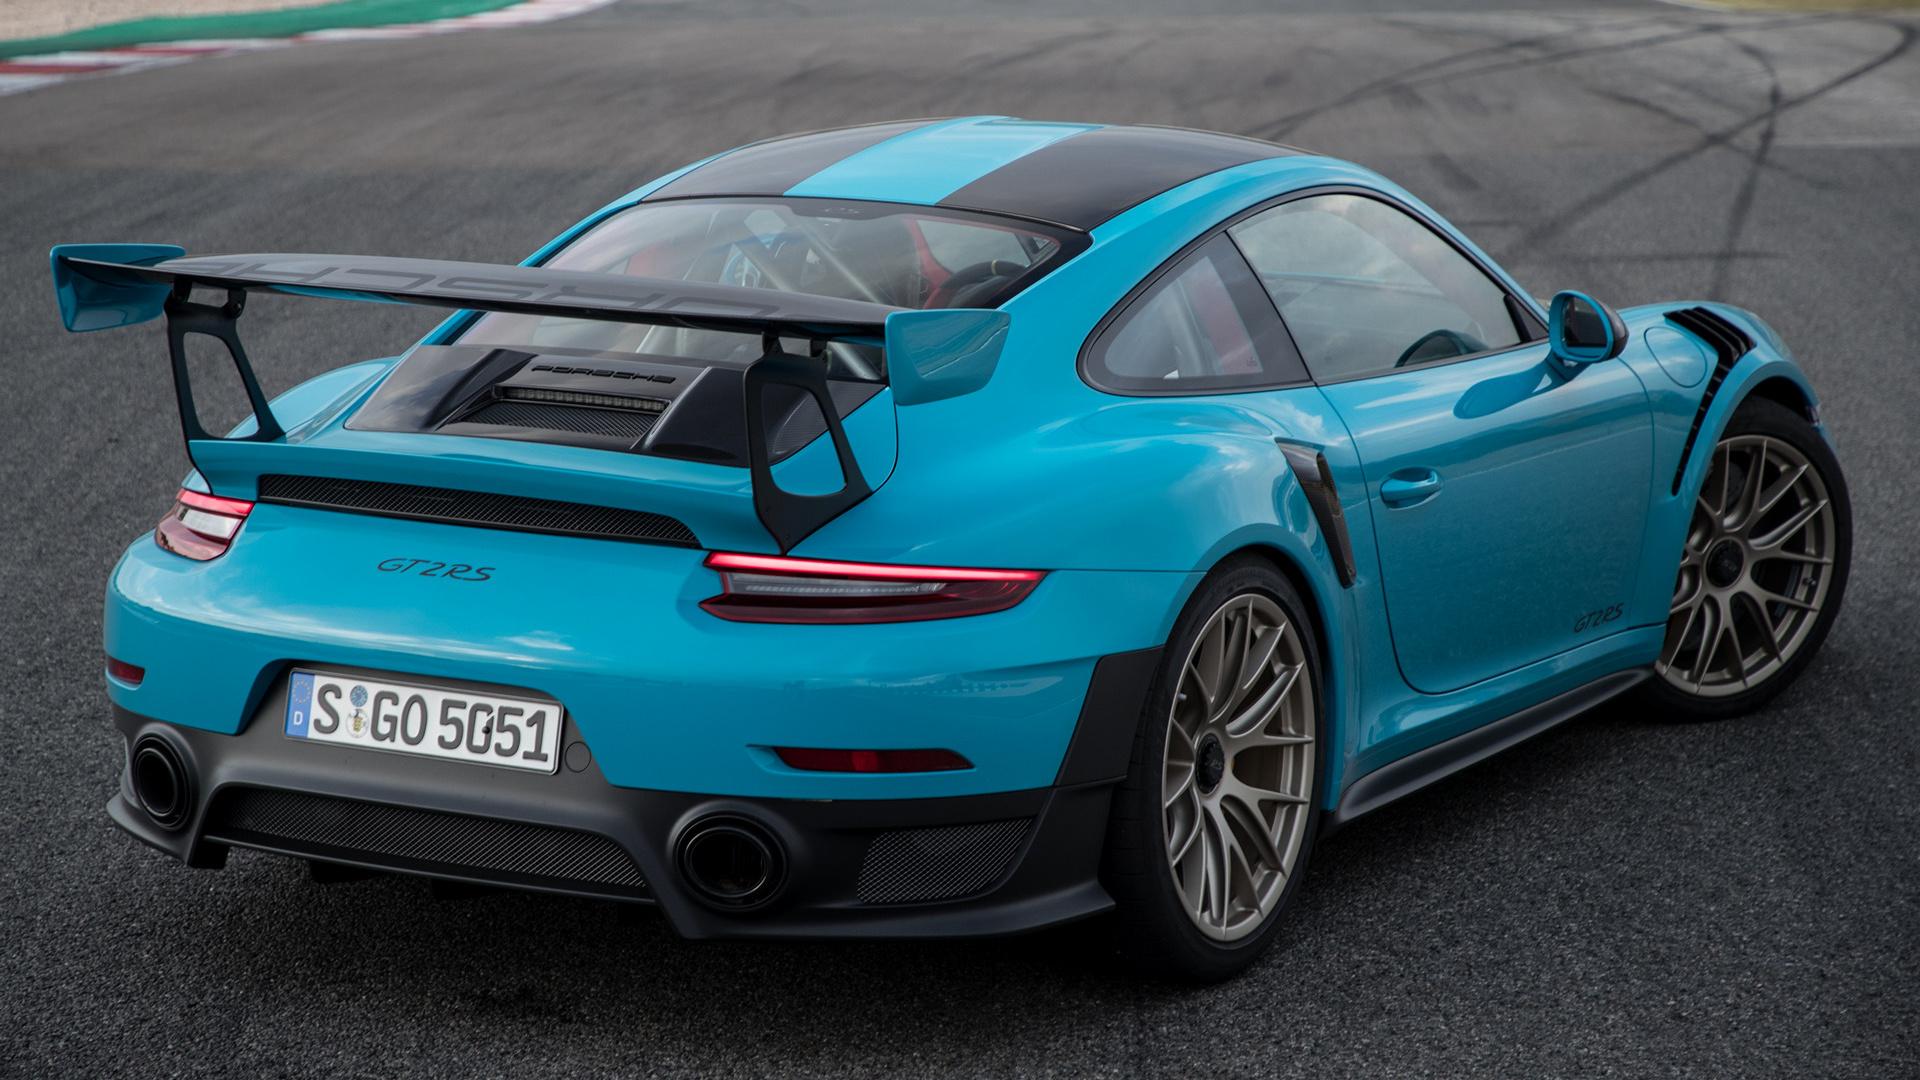 2017 Porsche 911 Gt2 Rs Fondo De Pantalla Hd Fondo De